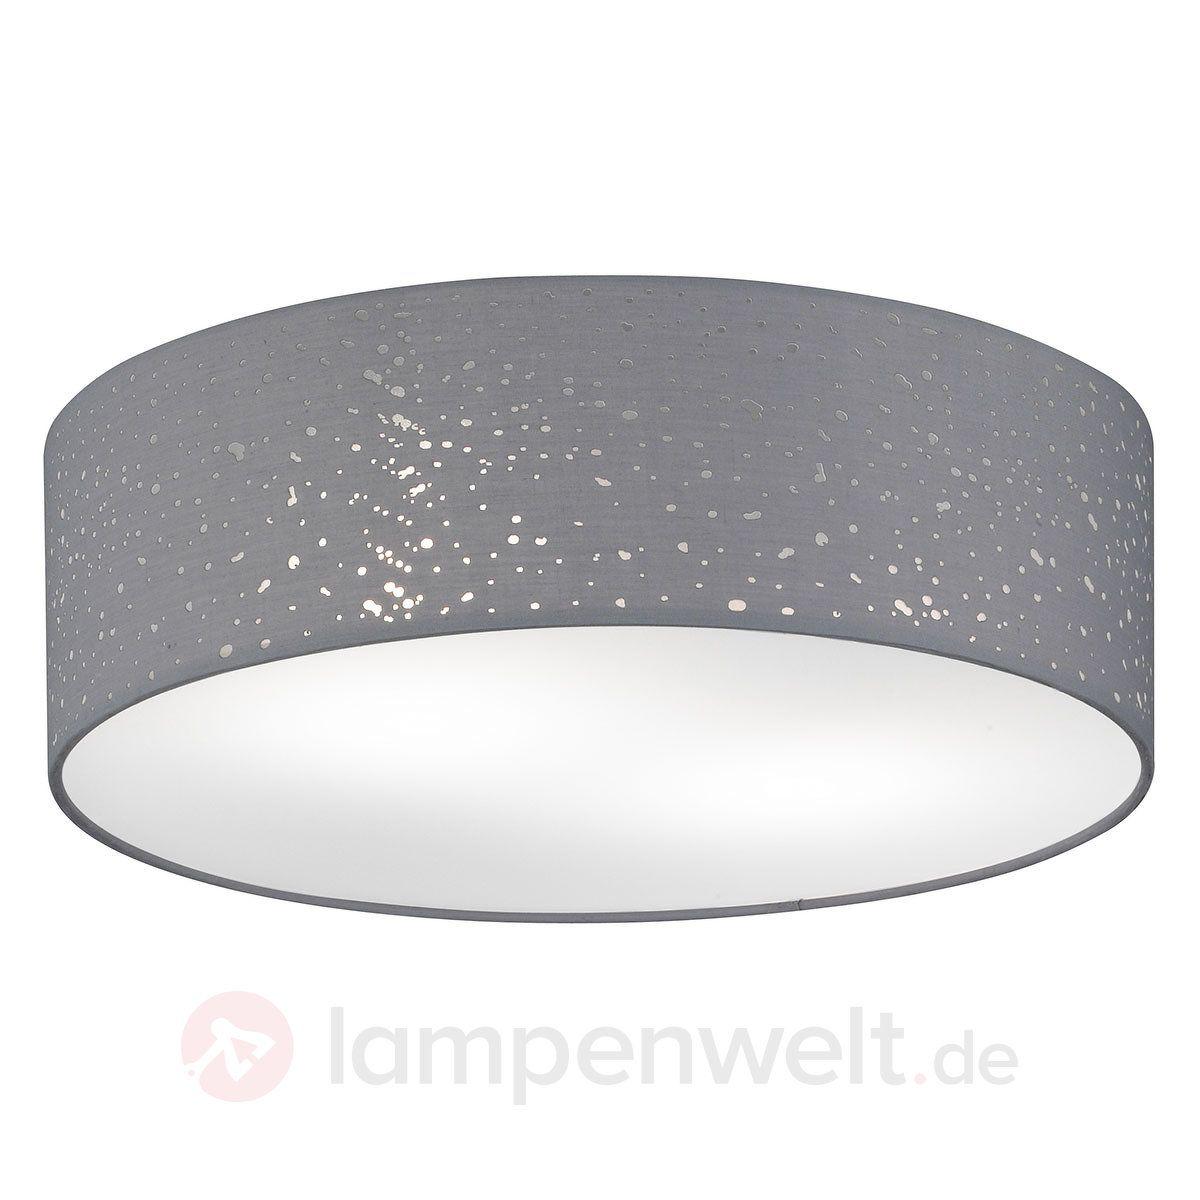 Lampe Decke Abdeckung